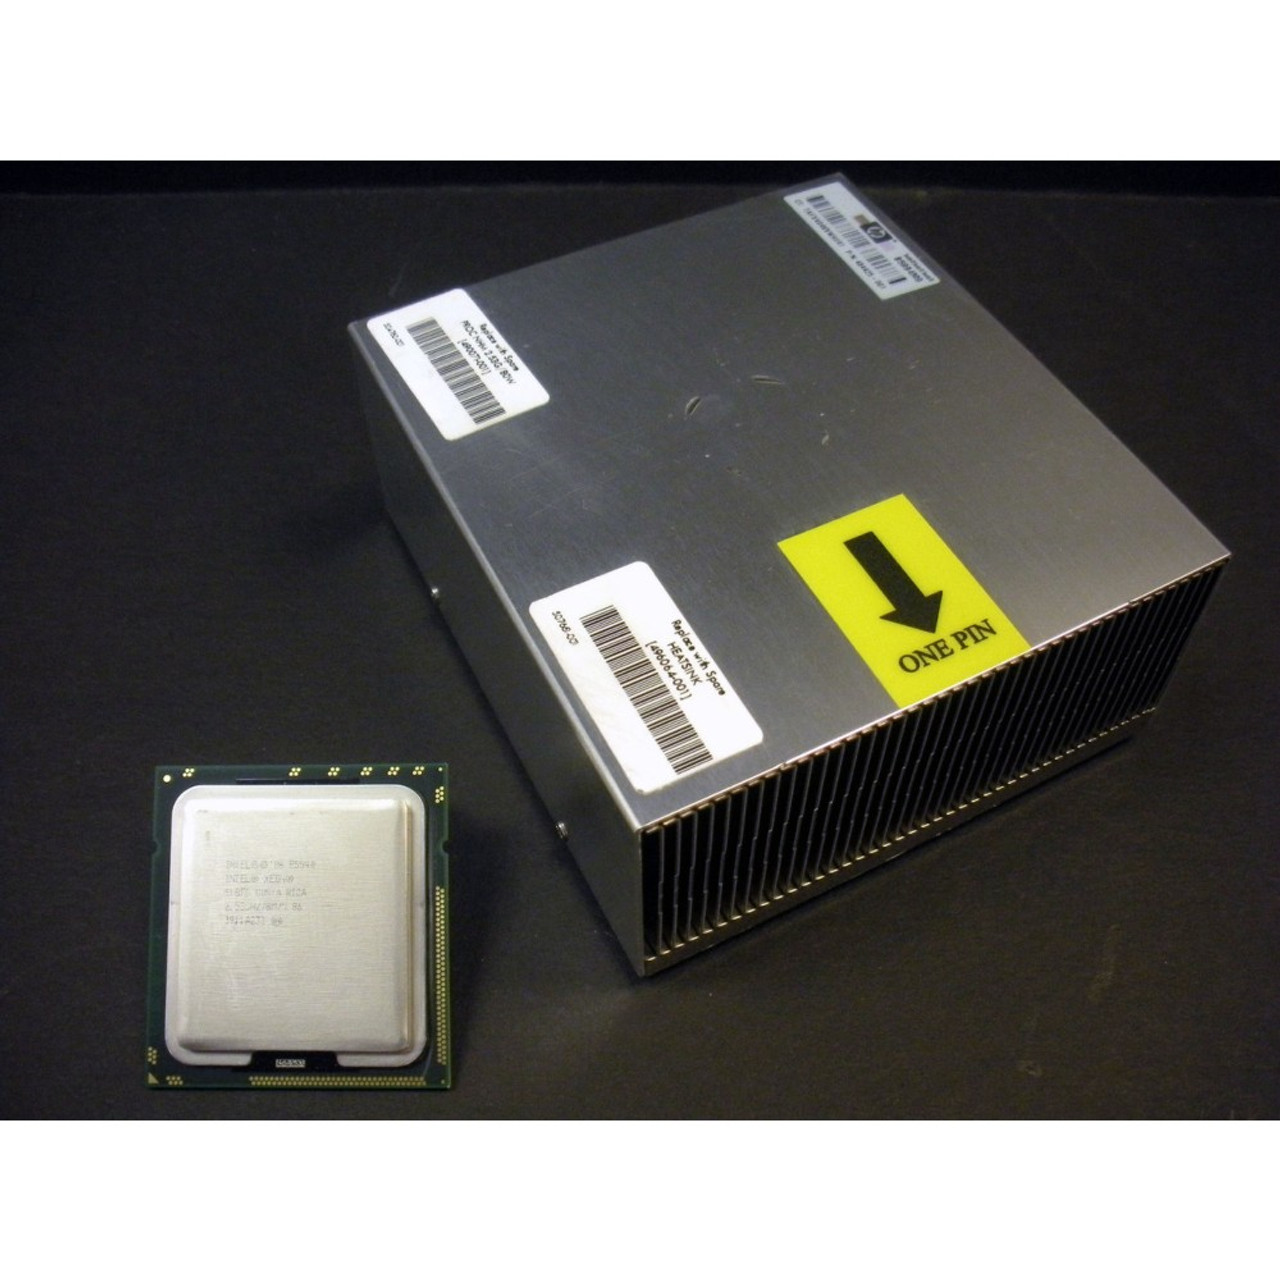 HP DL380 G6 INTEL XEON X5550 2.66GHZ CPU KIT 492234-B21